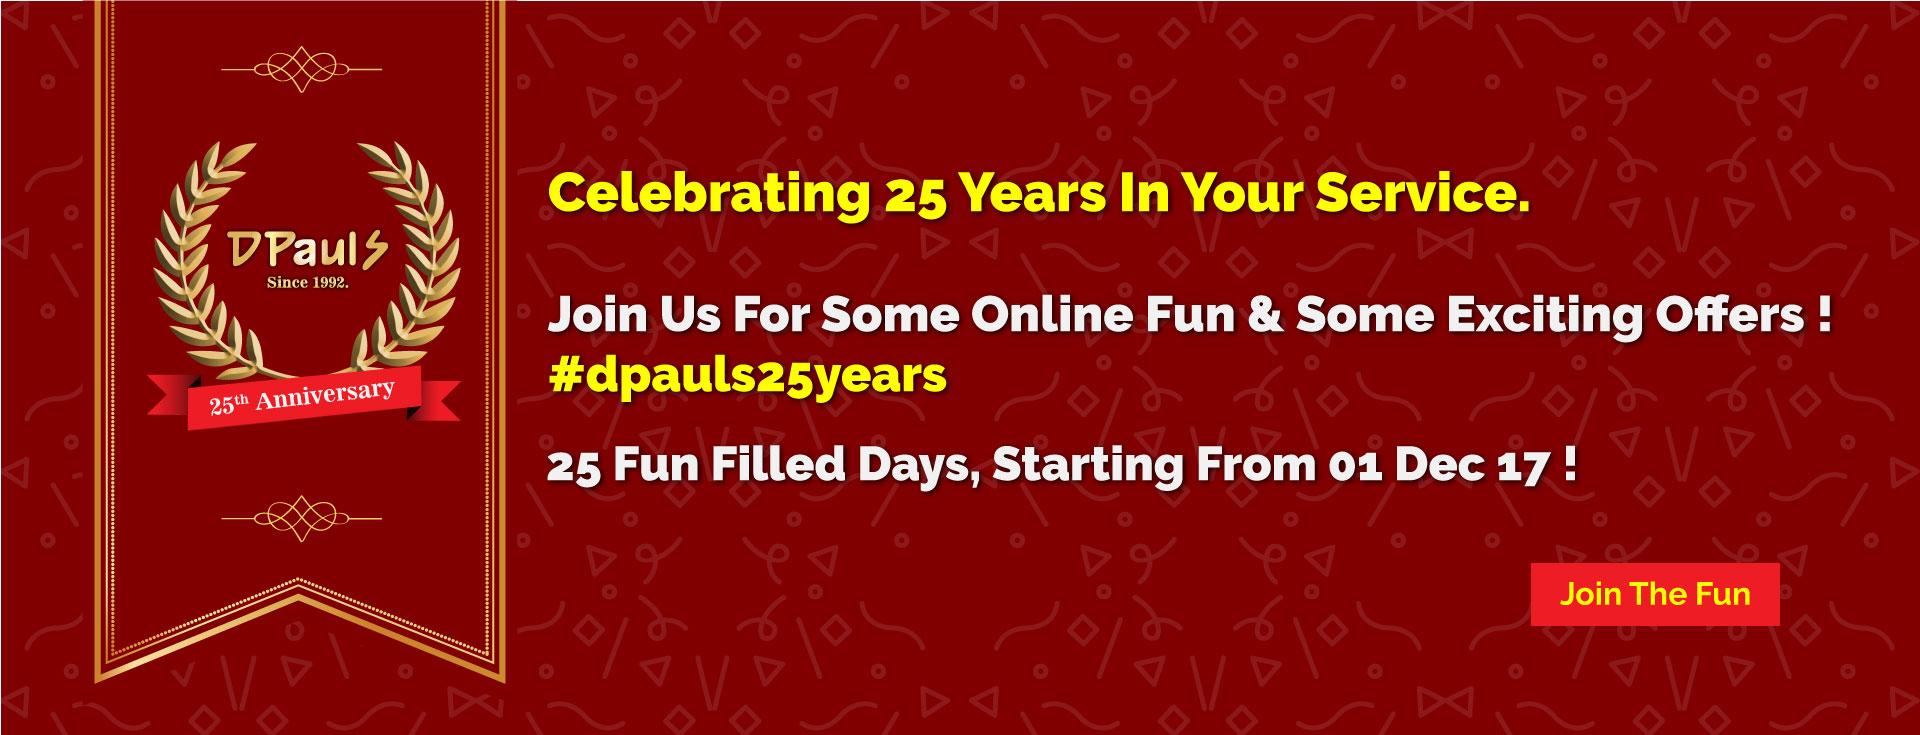 DPauls 25 Years